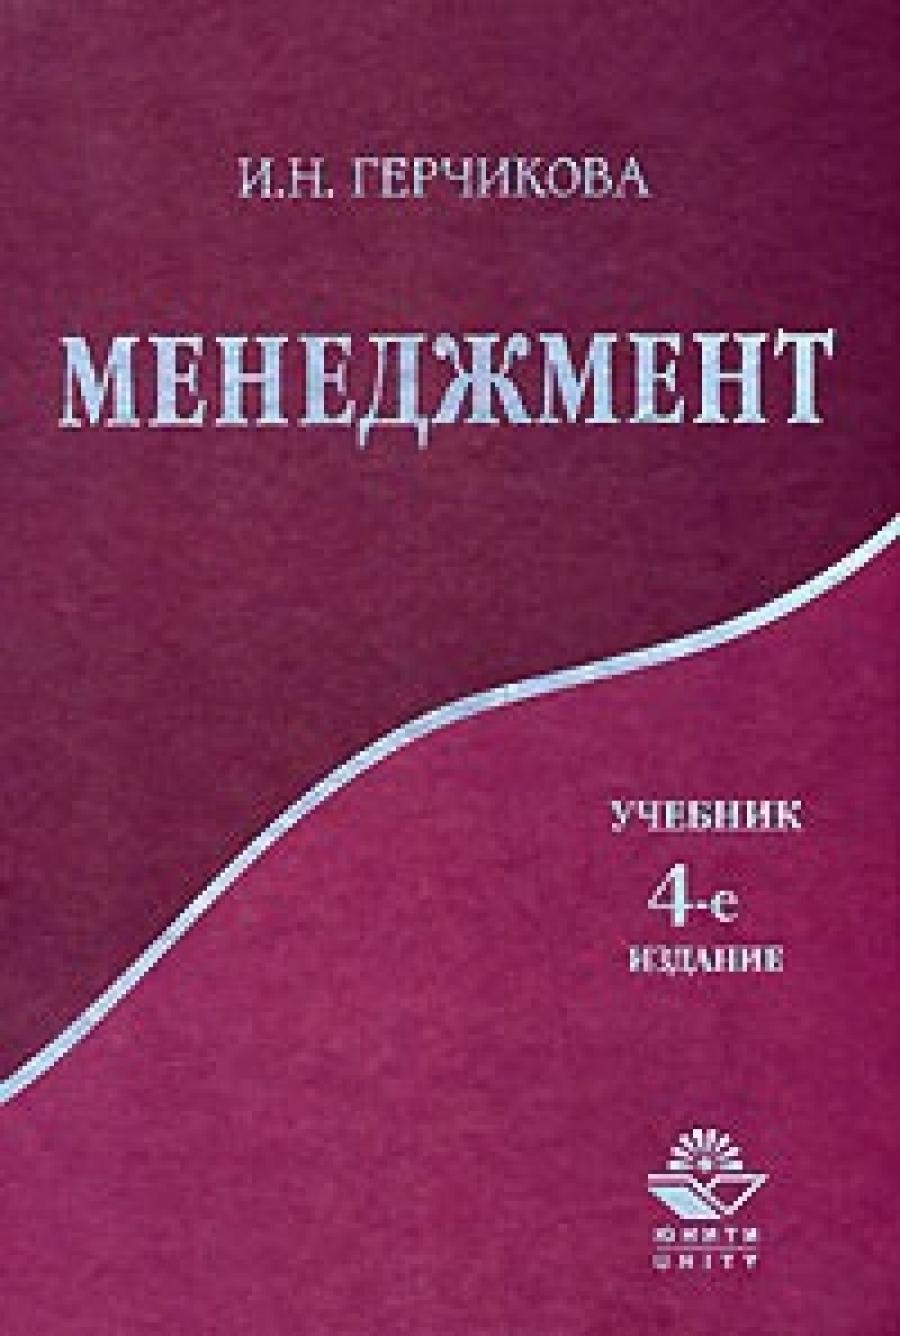 Обложка книги:  и.н. герчикова - менеджмент